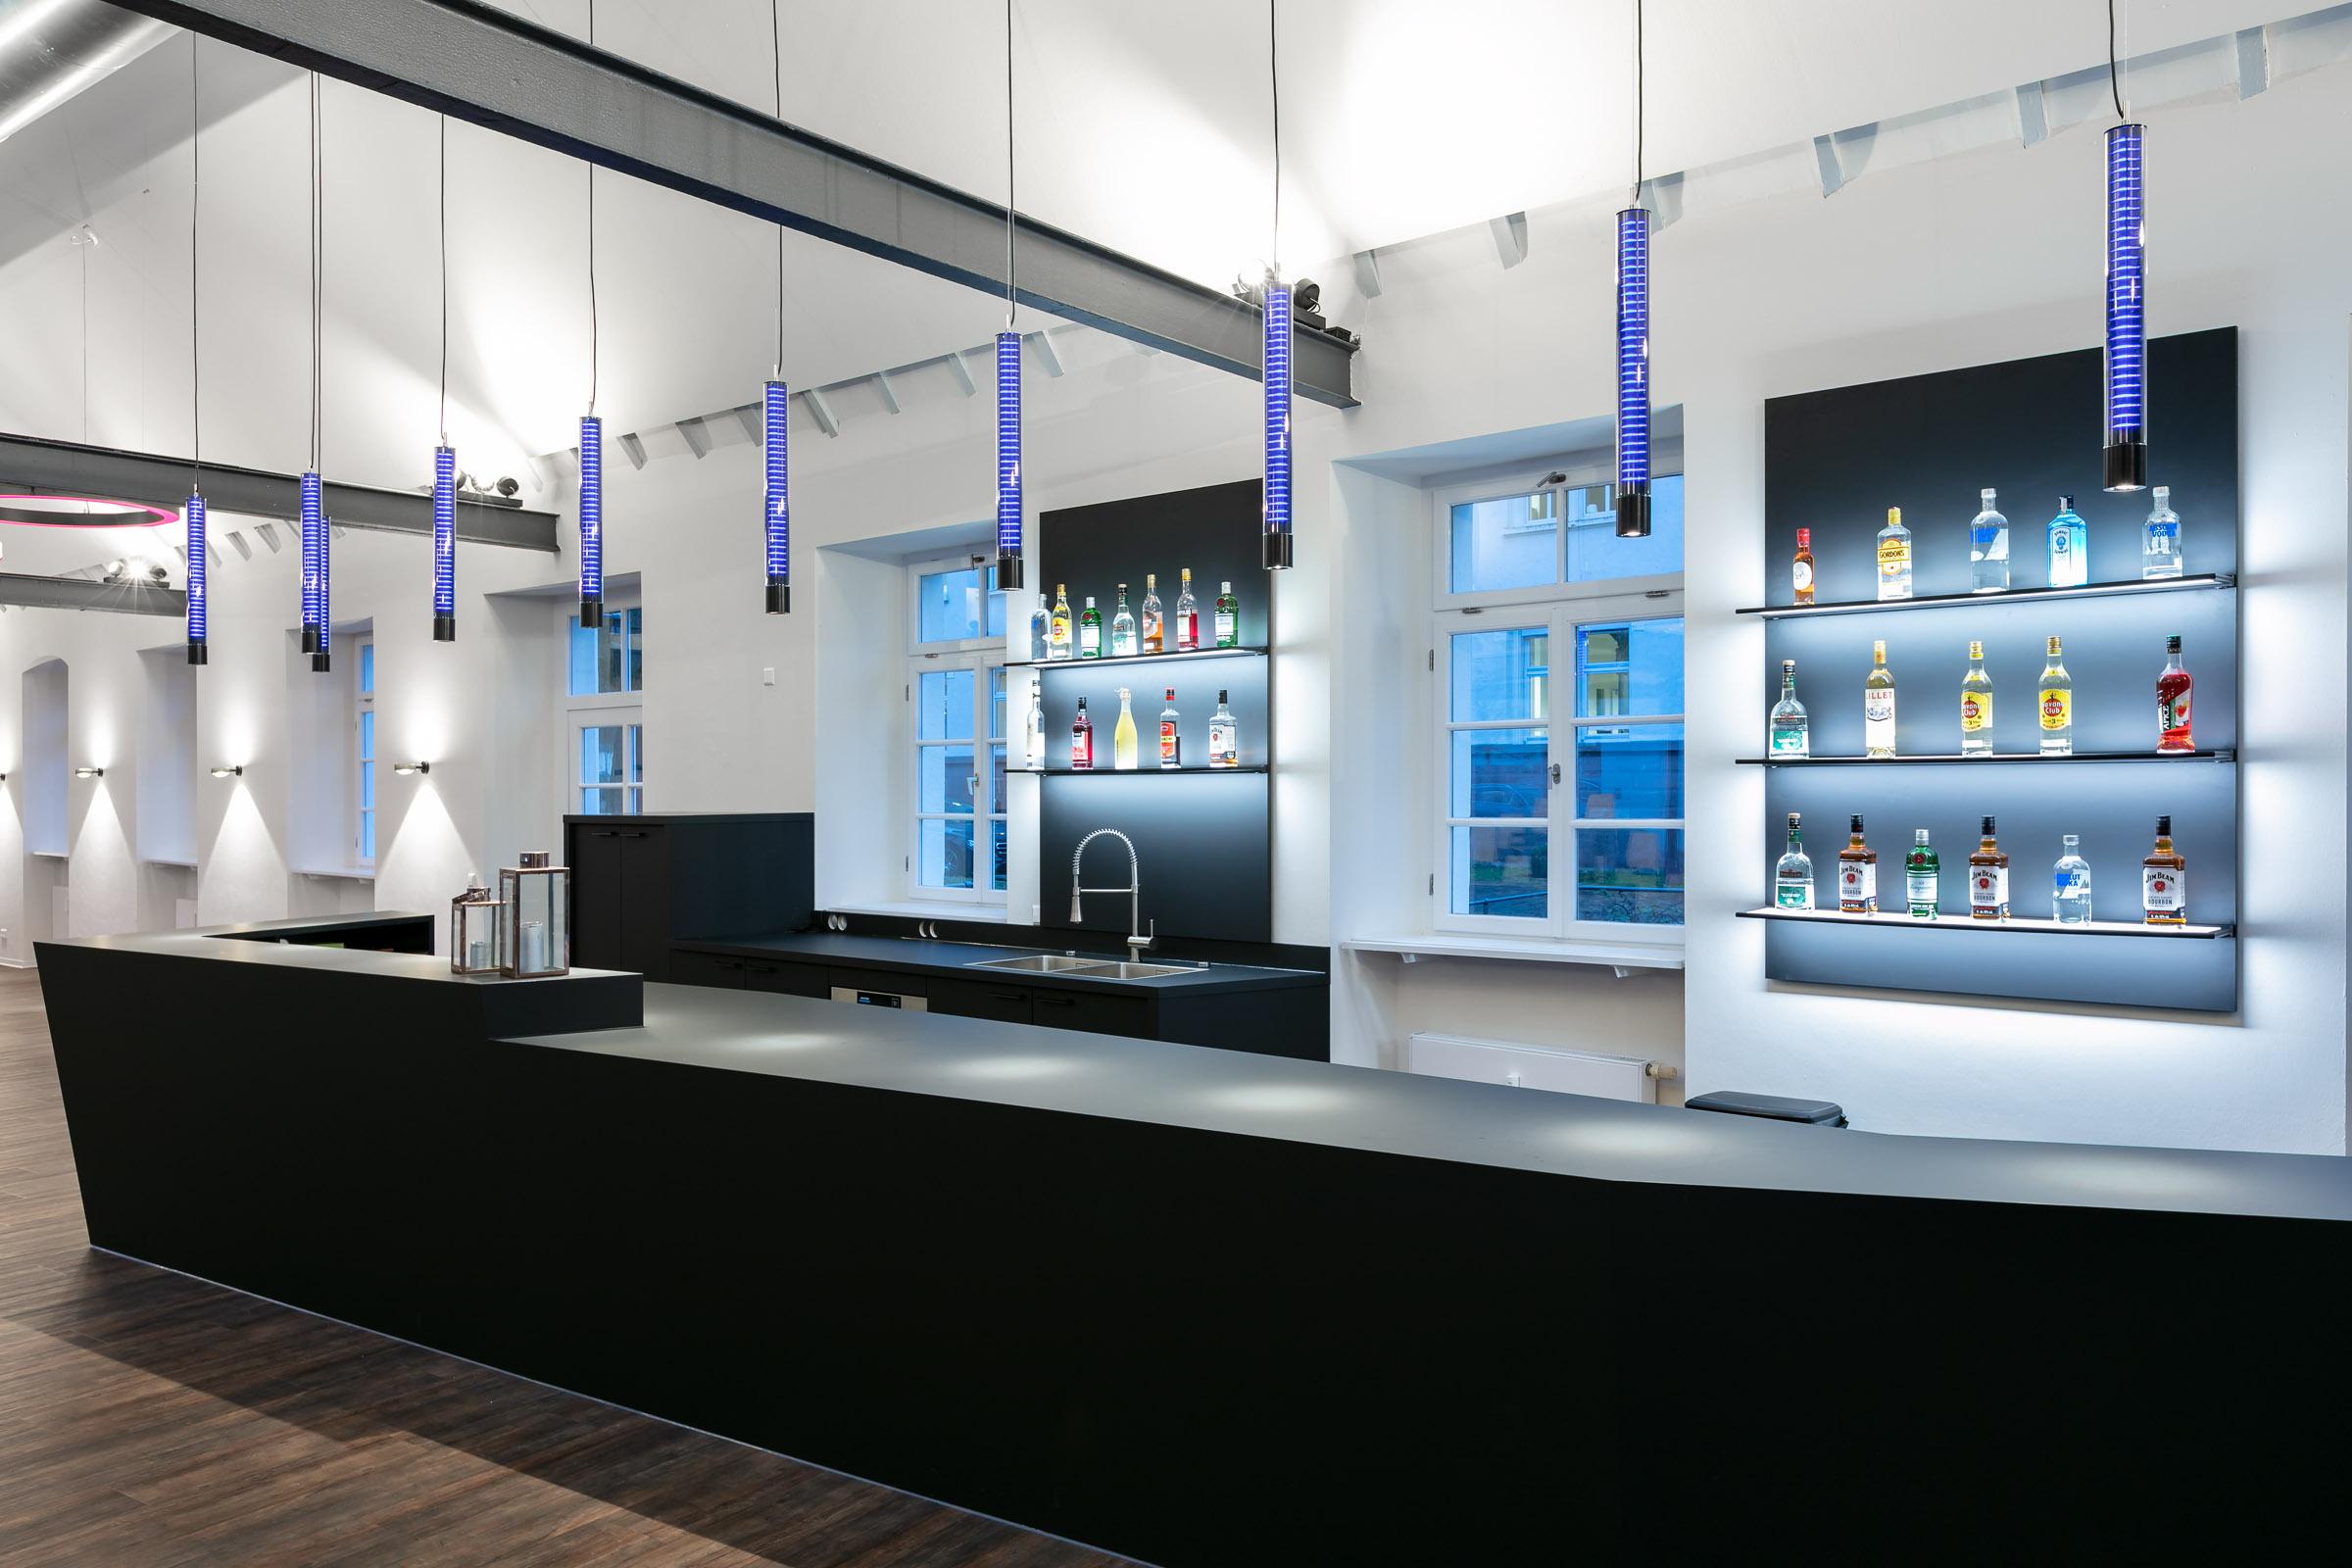 Blau leuchtende Glasleuchten abgehängt über einer schwarzen Bar